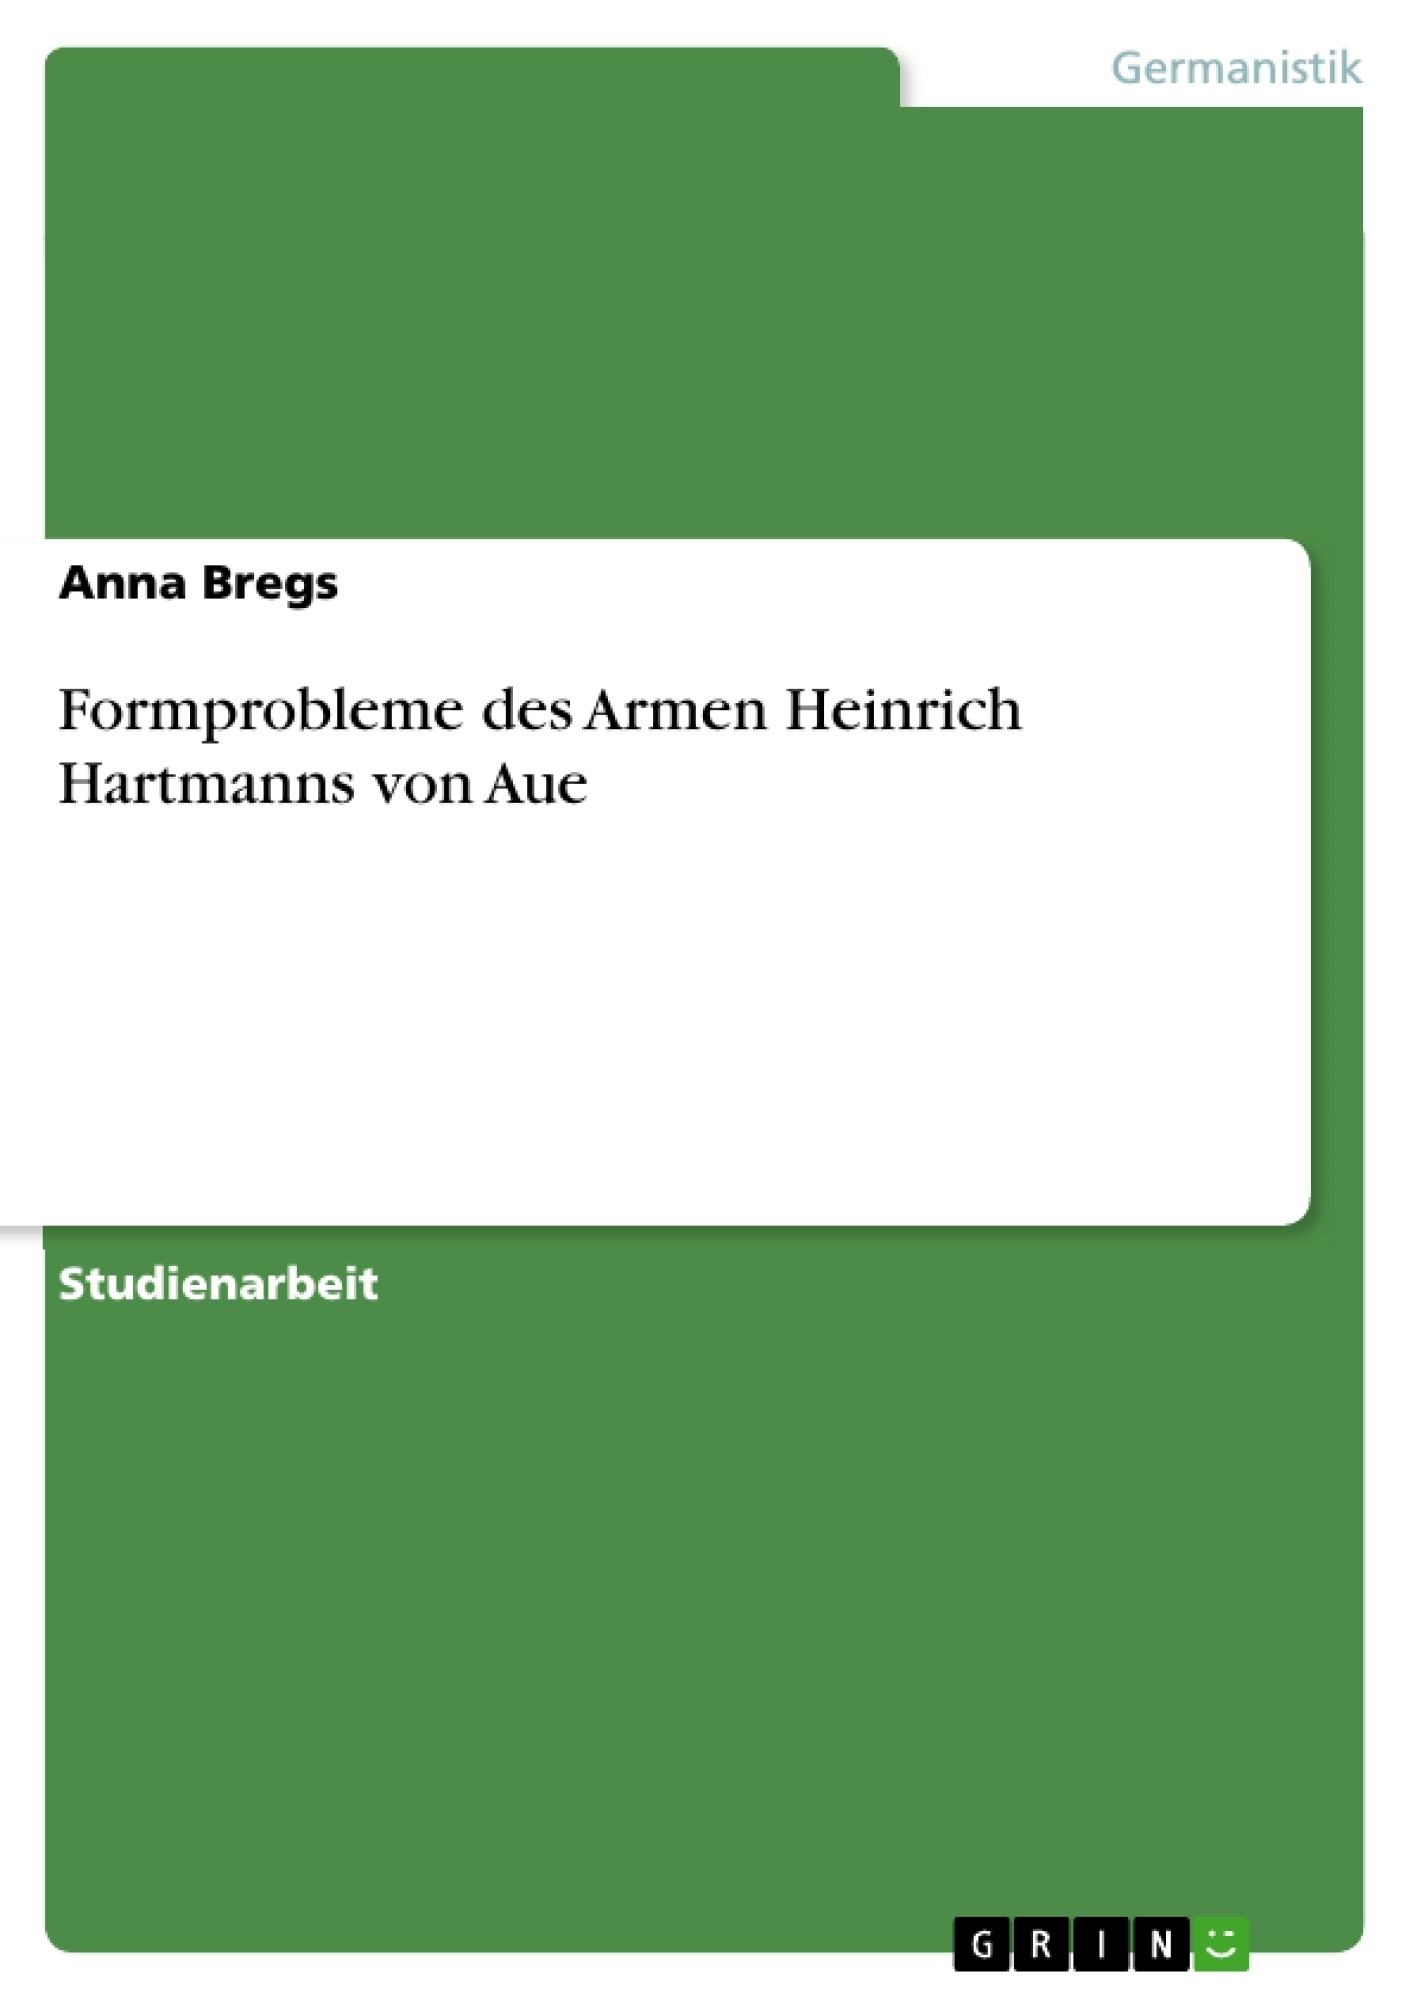 Titel: Formprobleme des Armen Heinrich Hartmanns von Aue